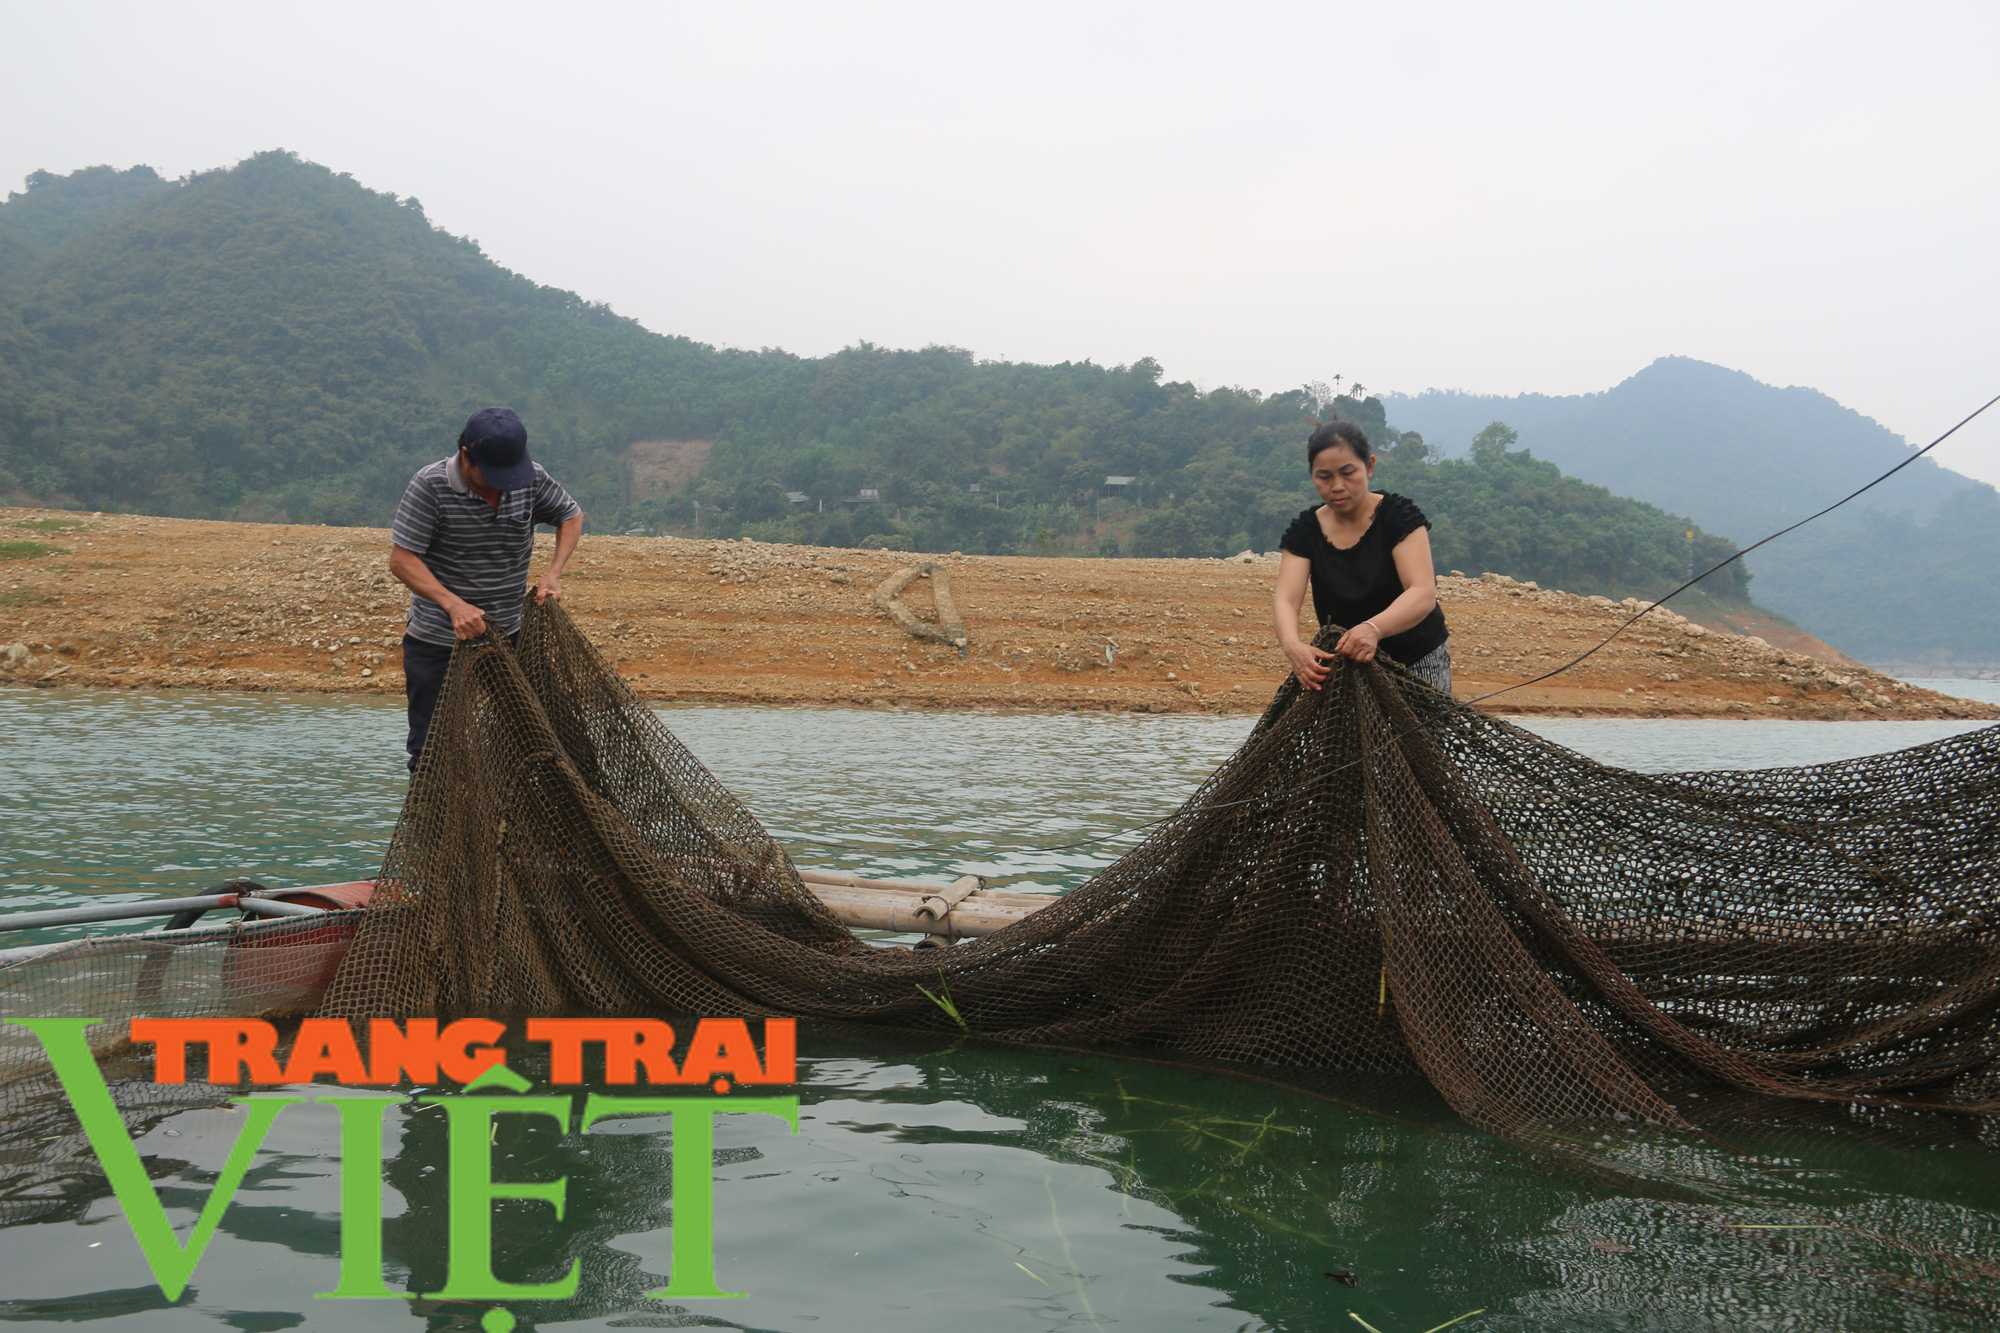 Hòa Bình: Phát huy tiềm năng thế mạnh nuôi cá lồng trên vùng lòng hồ - Ảnh 5.